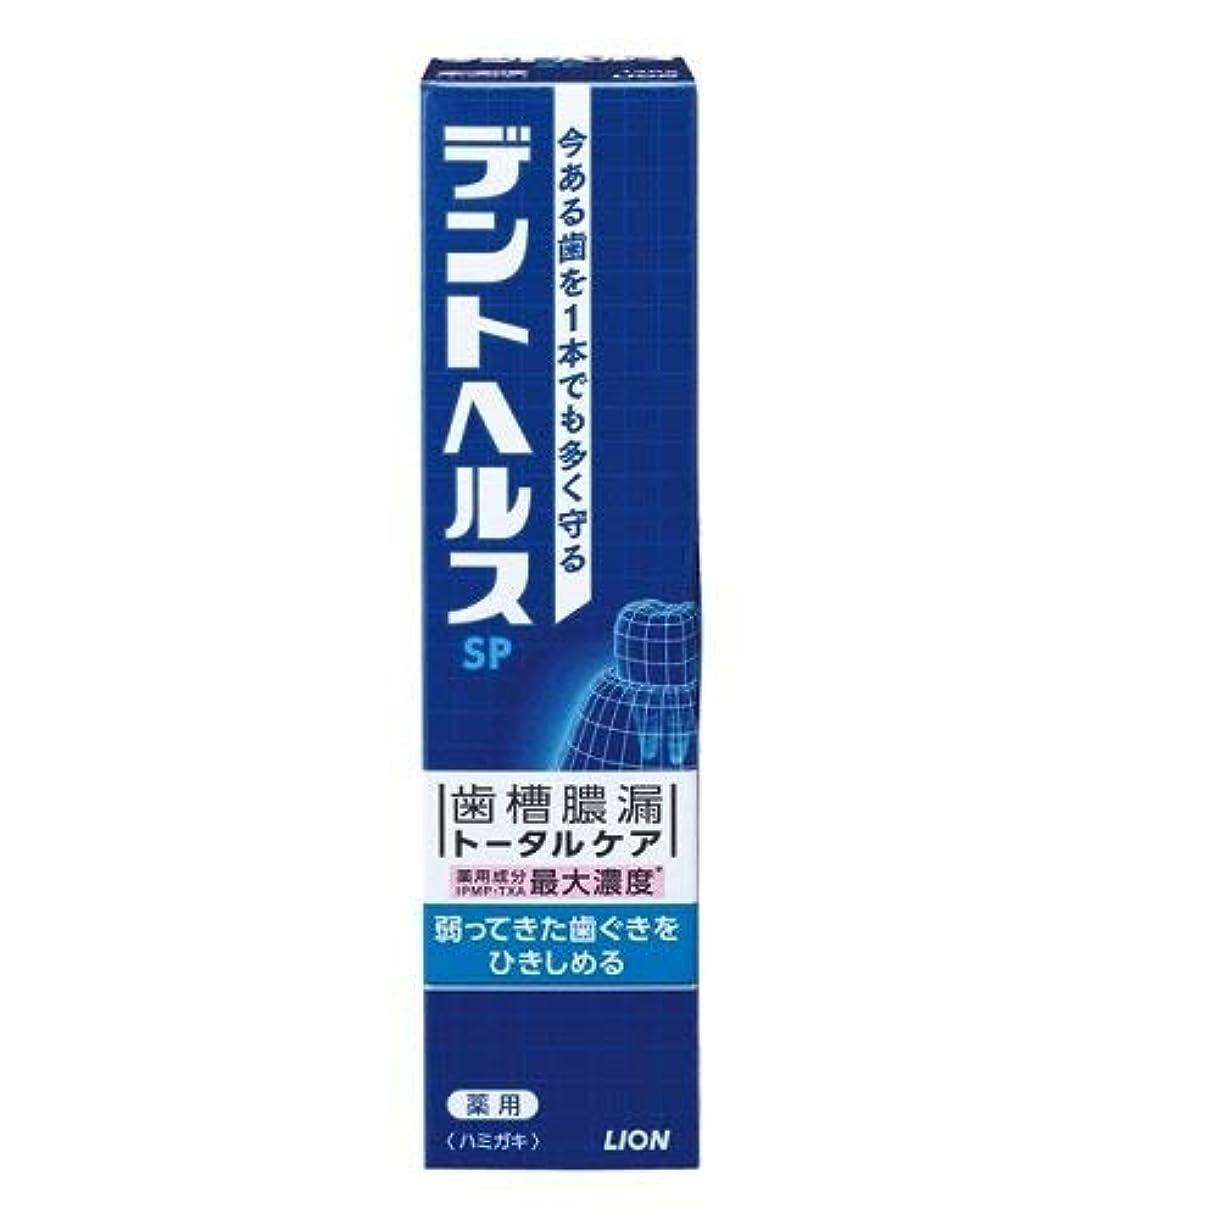 地下鉄緑一掃するライオン デントヘルス 薬用ハミガキ SP 120g (医薬部外品)× 4